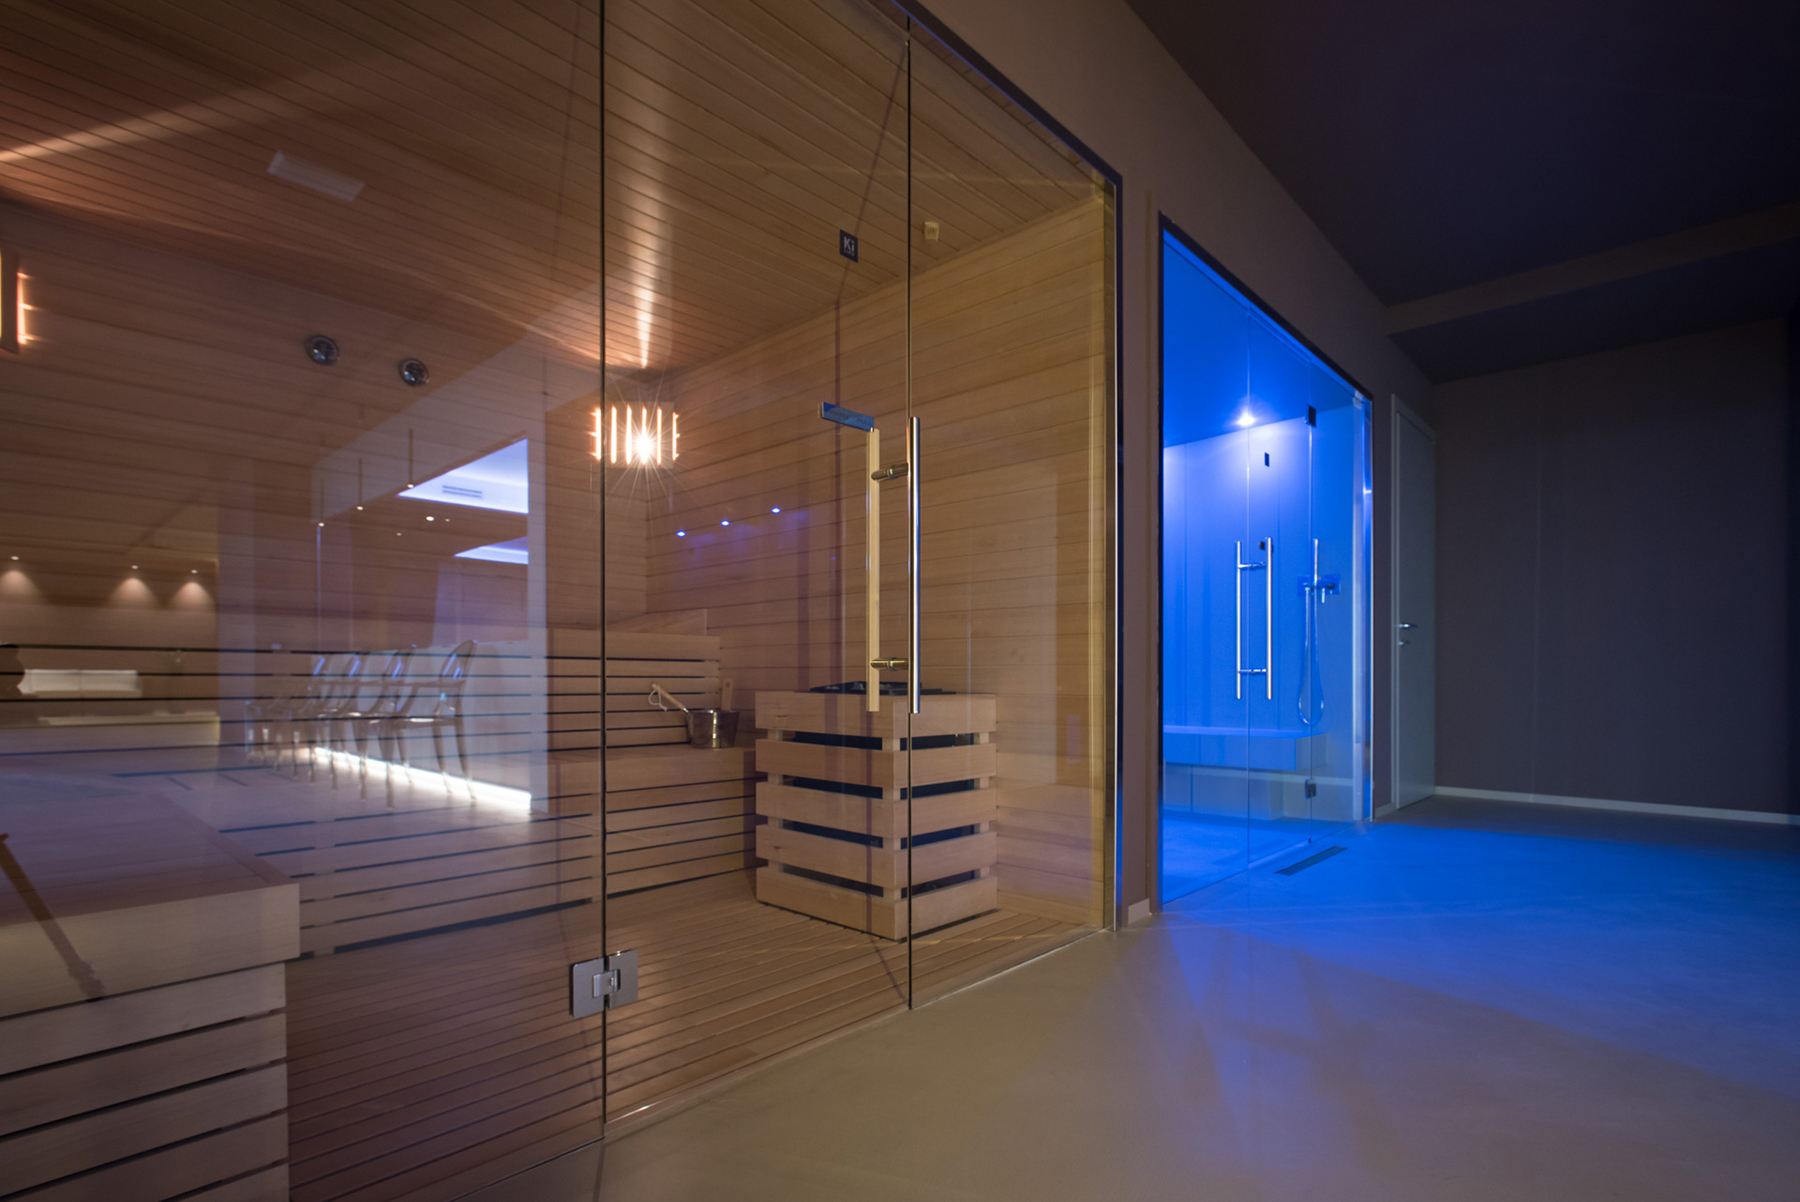 Villa Anitori Sauna Finlandese bagno turco